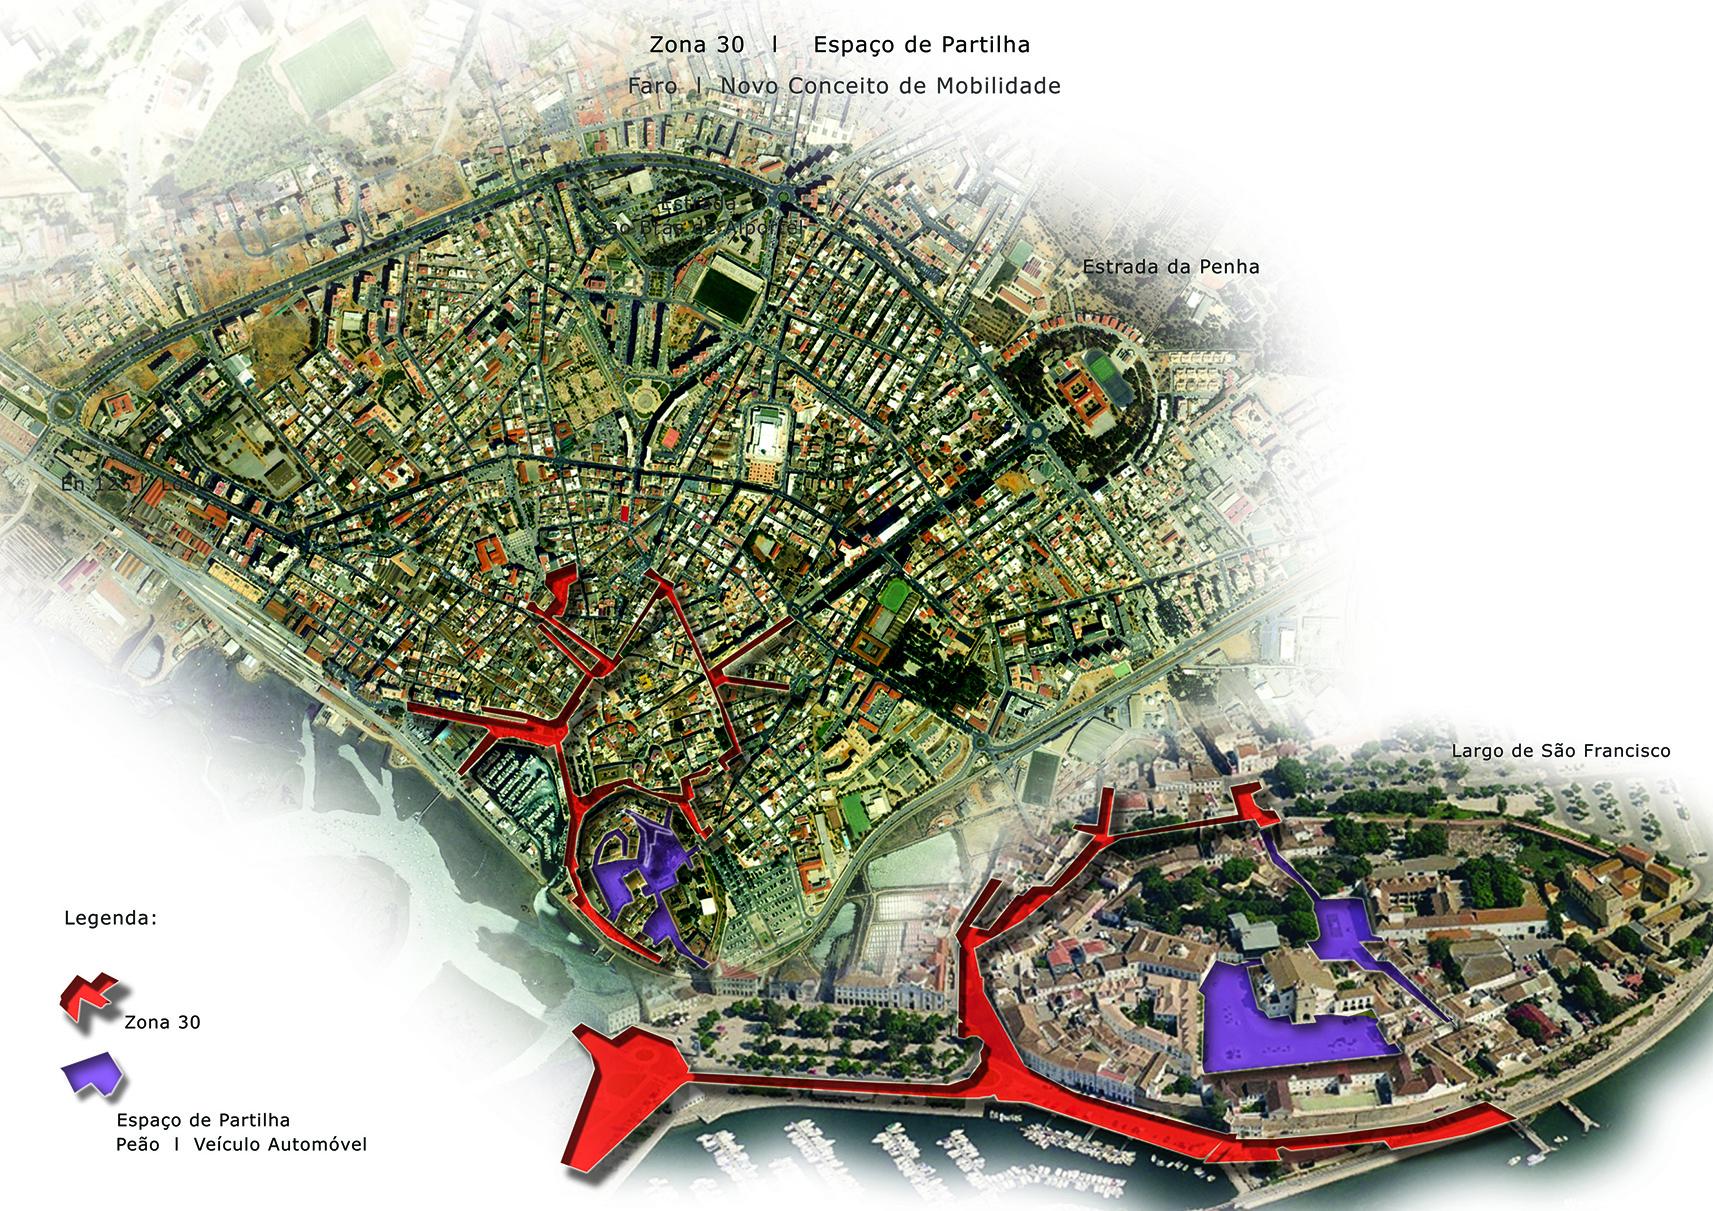 alt Painel final zona 30 e zonas partilhadas